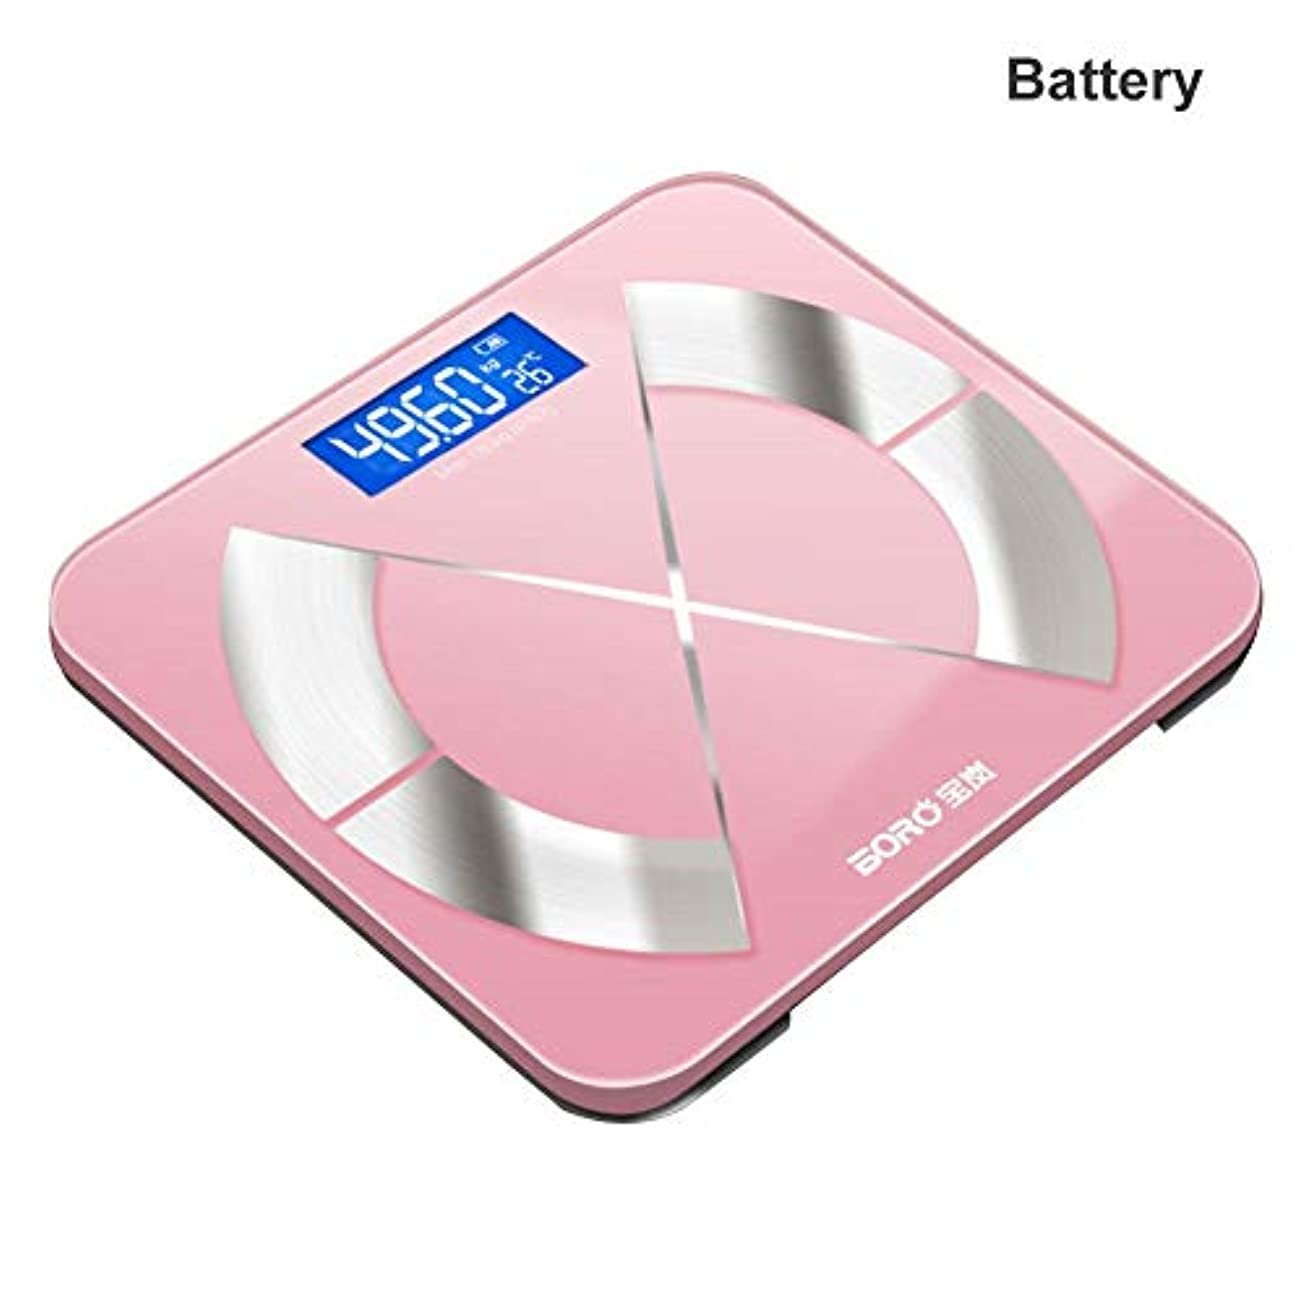 ハドルオズワルドゼリーBluetoothの体脂肪計電子スケールの脂肪は、家庭用の体は大人のスマートスケールが体重計本体を正確なスケールスケール (電池)